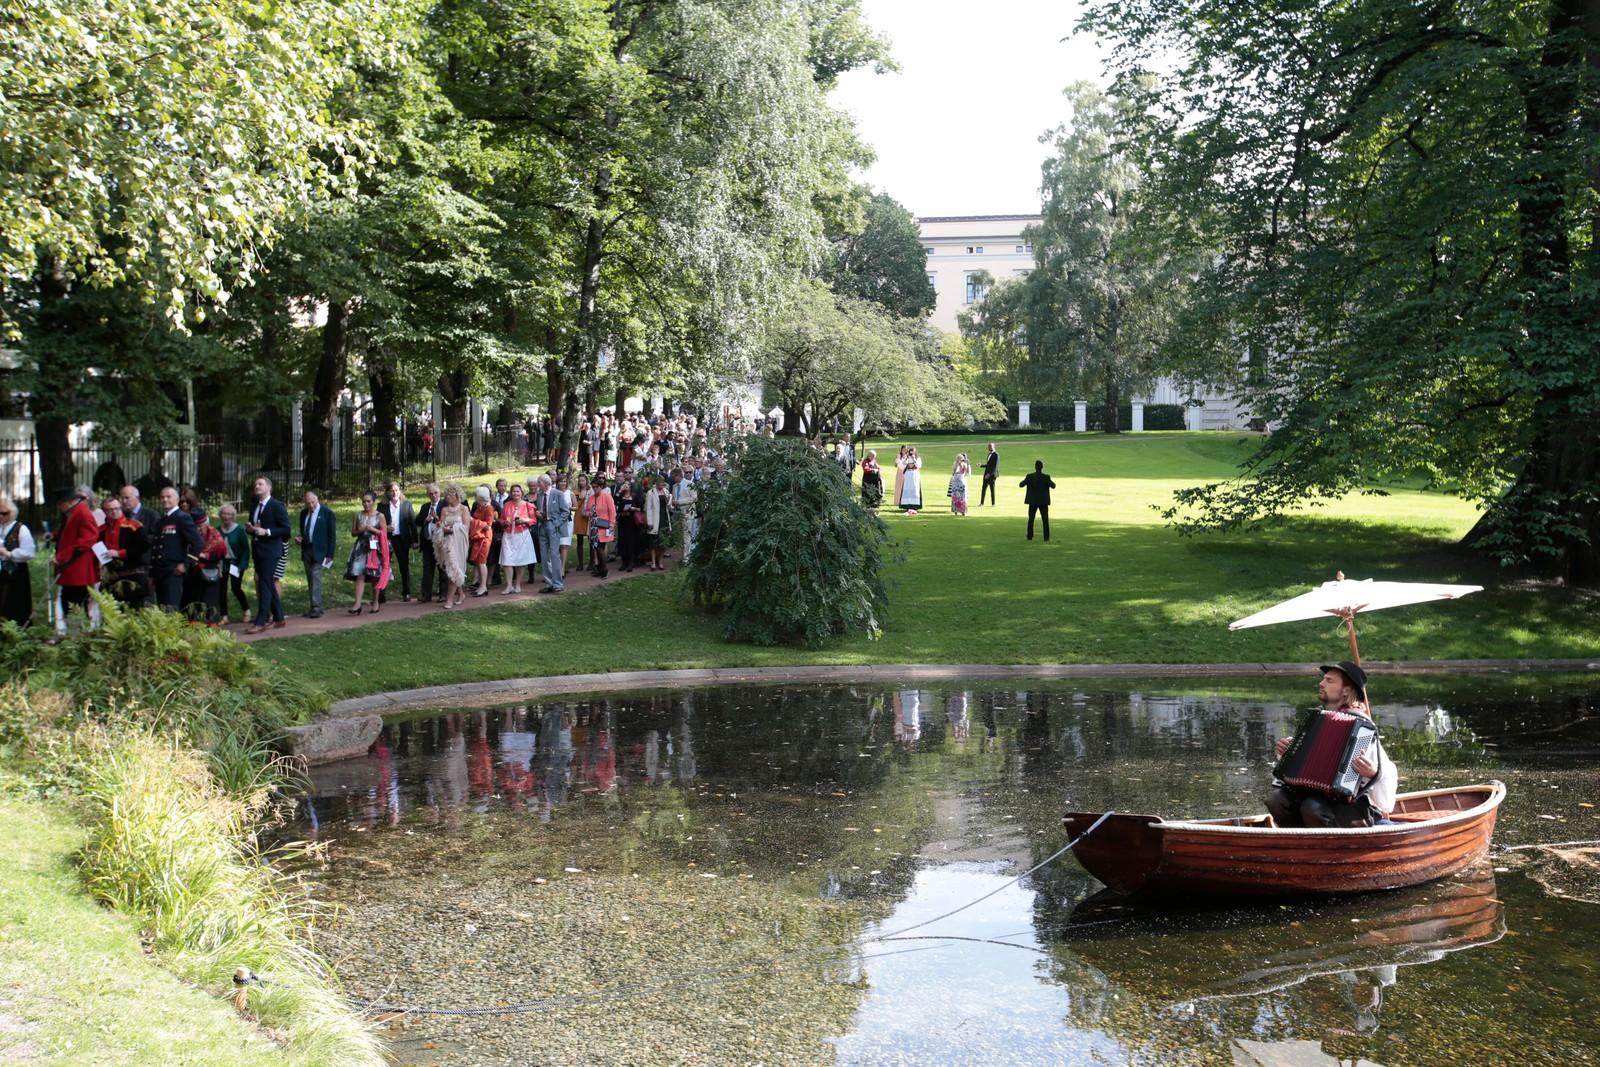 1500 mennesker er invitert til hagefesten. 50 personer fra hvert fylke i Norge. Hensikten er å lage et Norge i miniatyr.